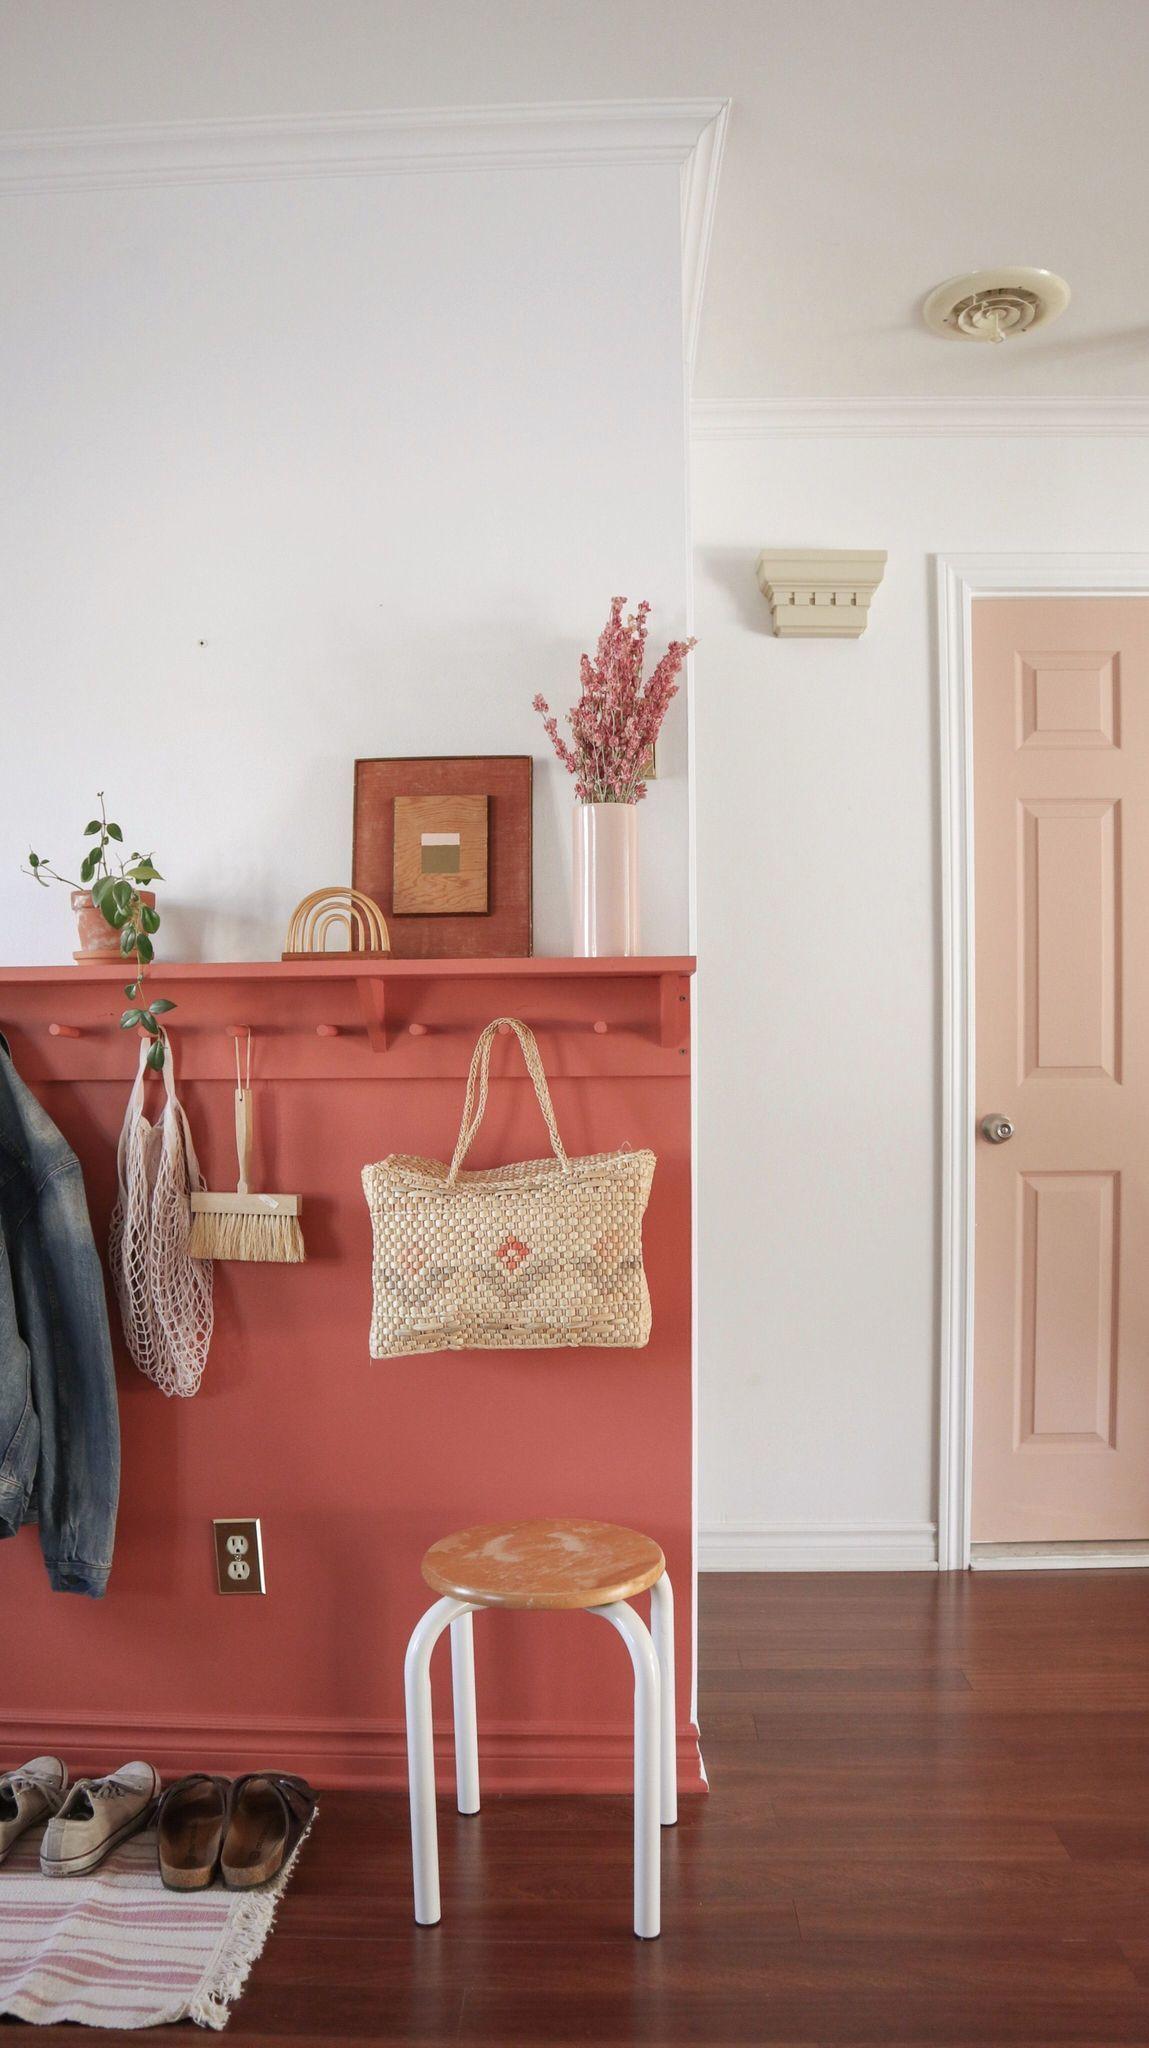 Peinture Couleur Terre Cuite tendance terracotta : comment adopter la couleur terre cuite